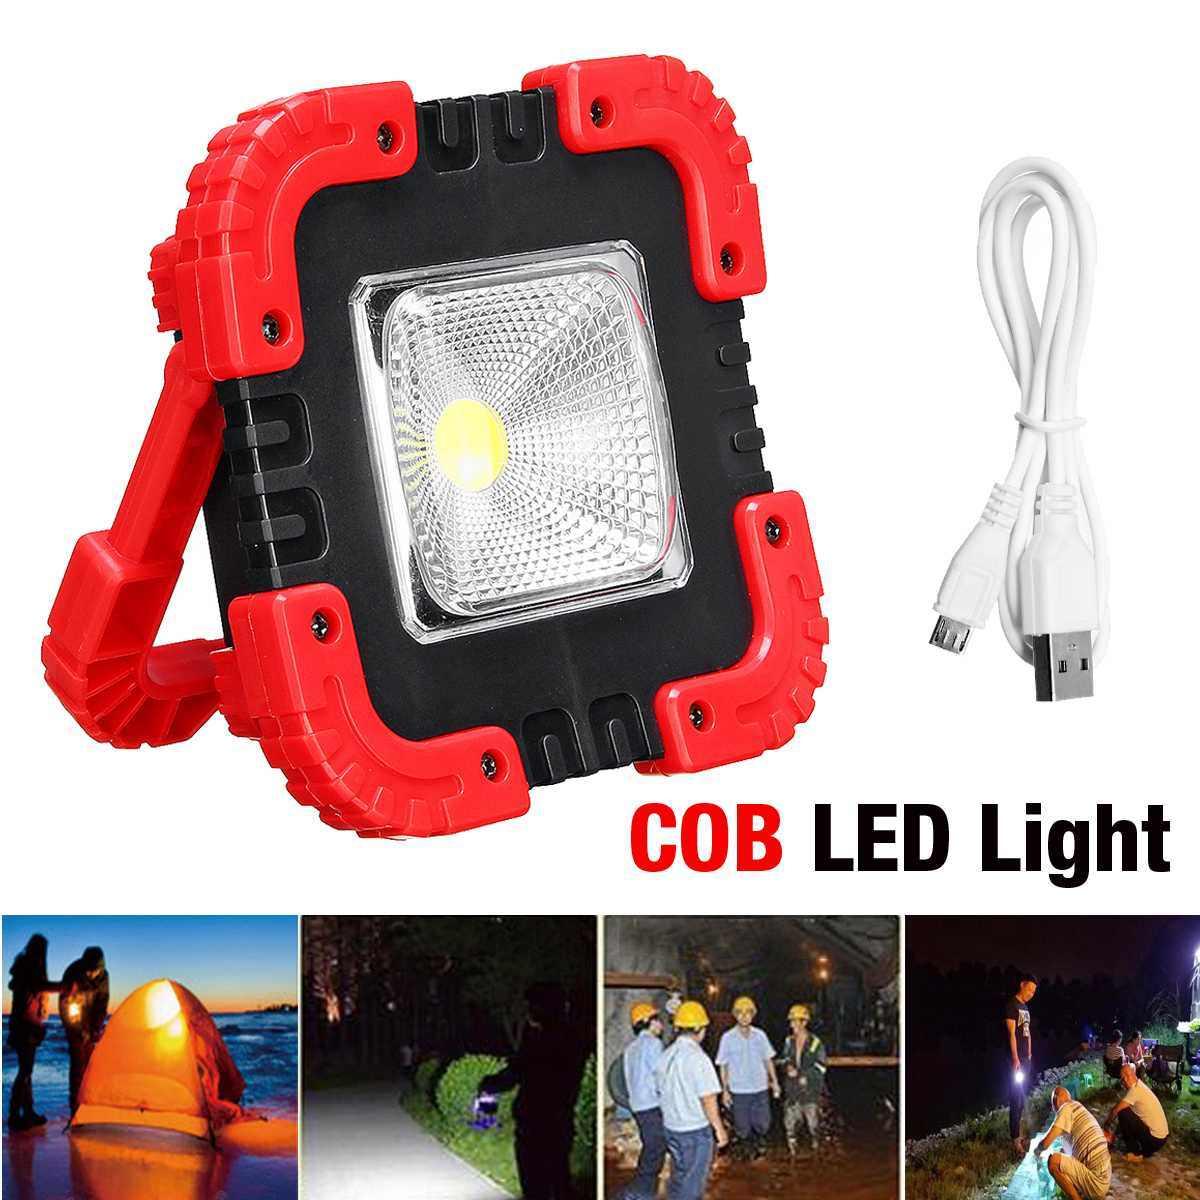 5800 мач 10 Вт Красный движения Сенсор Светодиодный прожектор Водонепроницаемый IP65 отражатель прожектора лампы foco светодиодный внешний пятно света наружного освещения